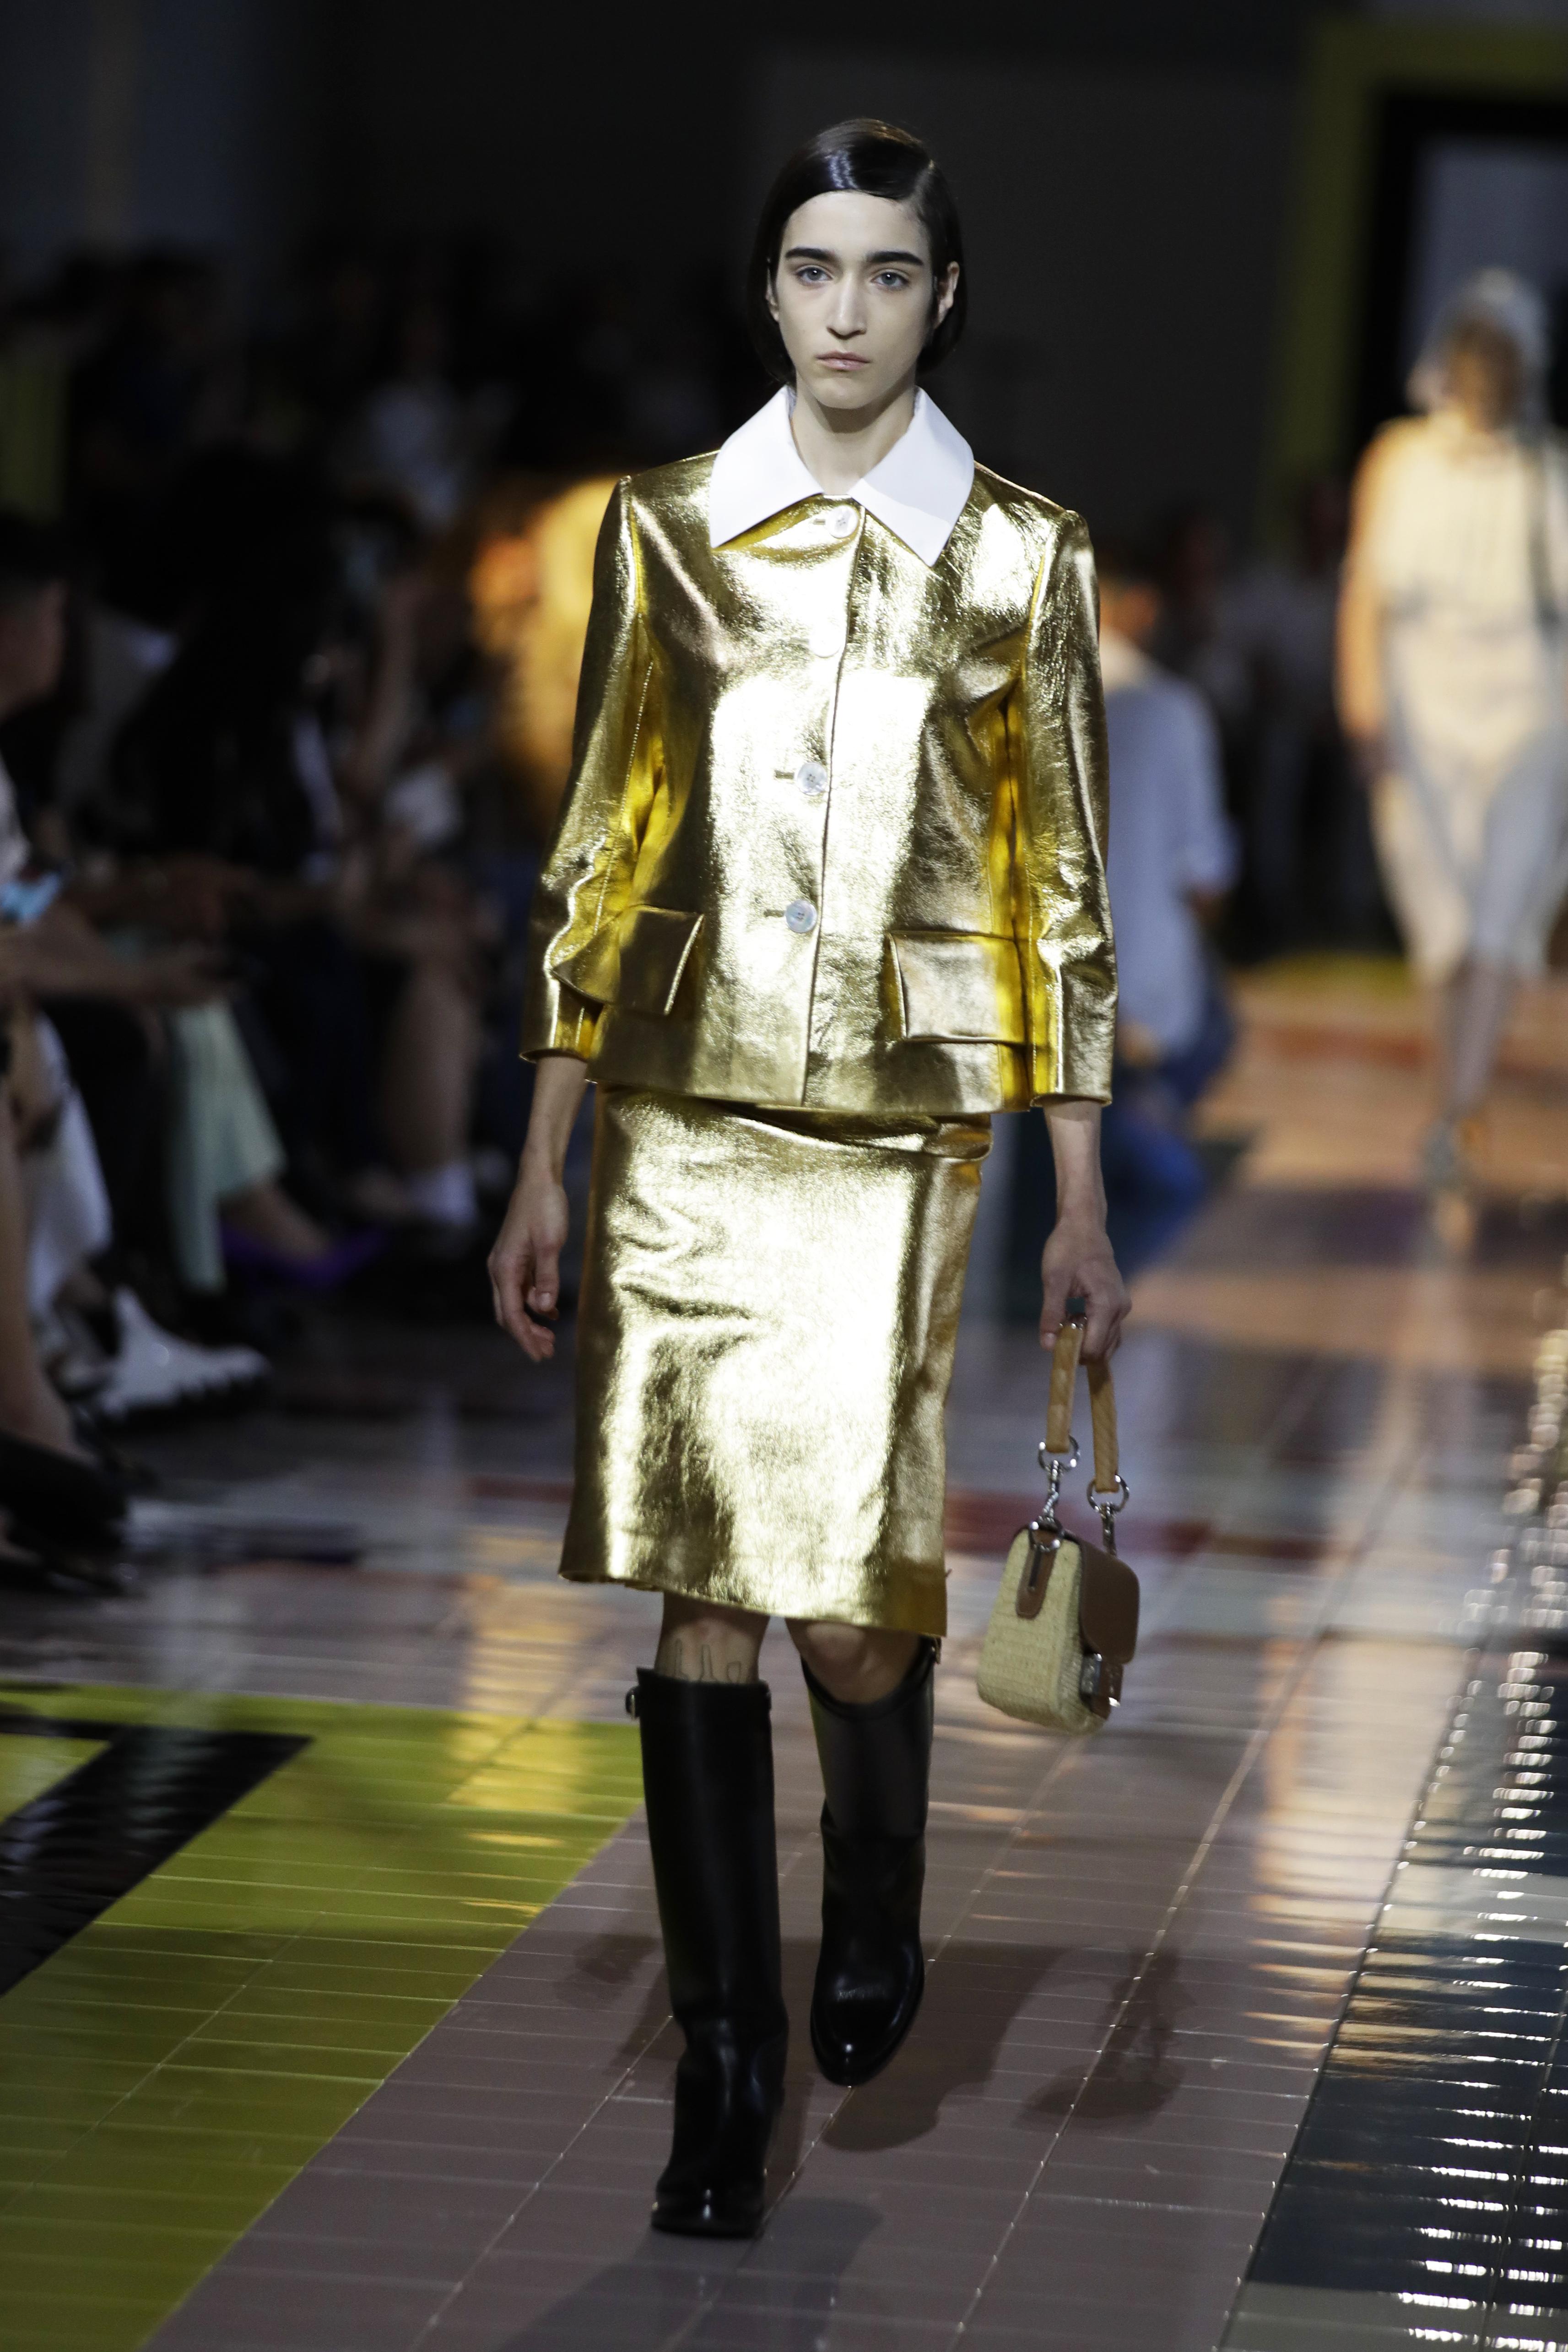 Colección de Prada presentada en la Semana de la Moda de Milán con tendencias para la temporada de primavera-verano 2020. (AP)